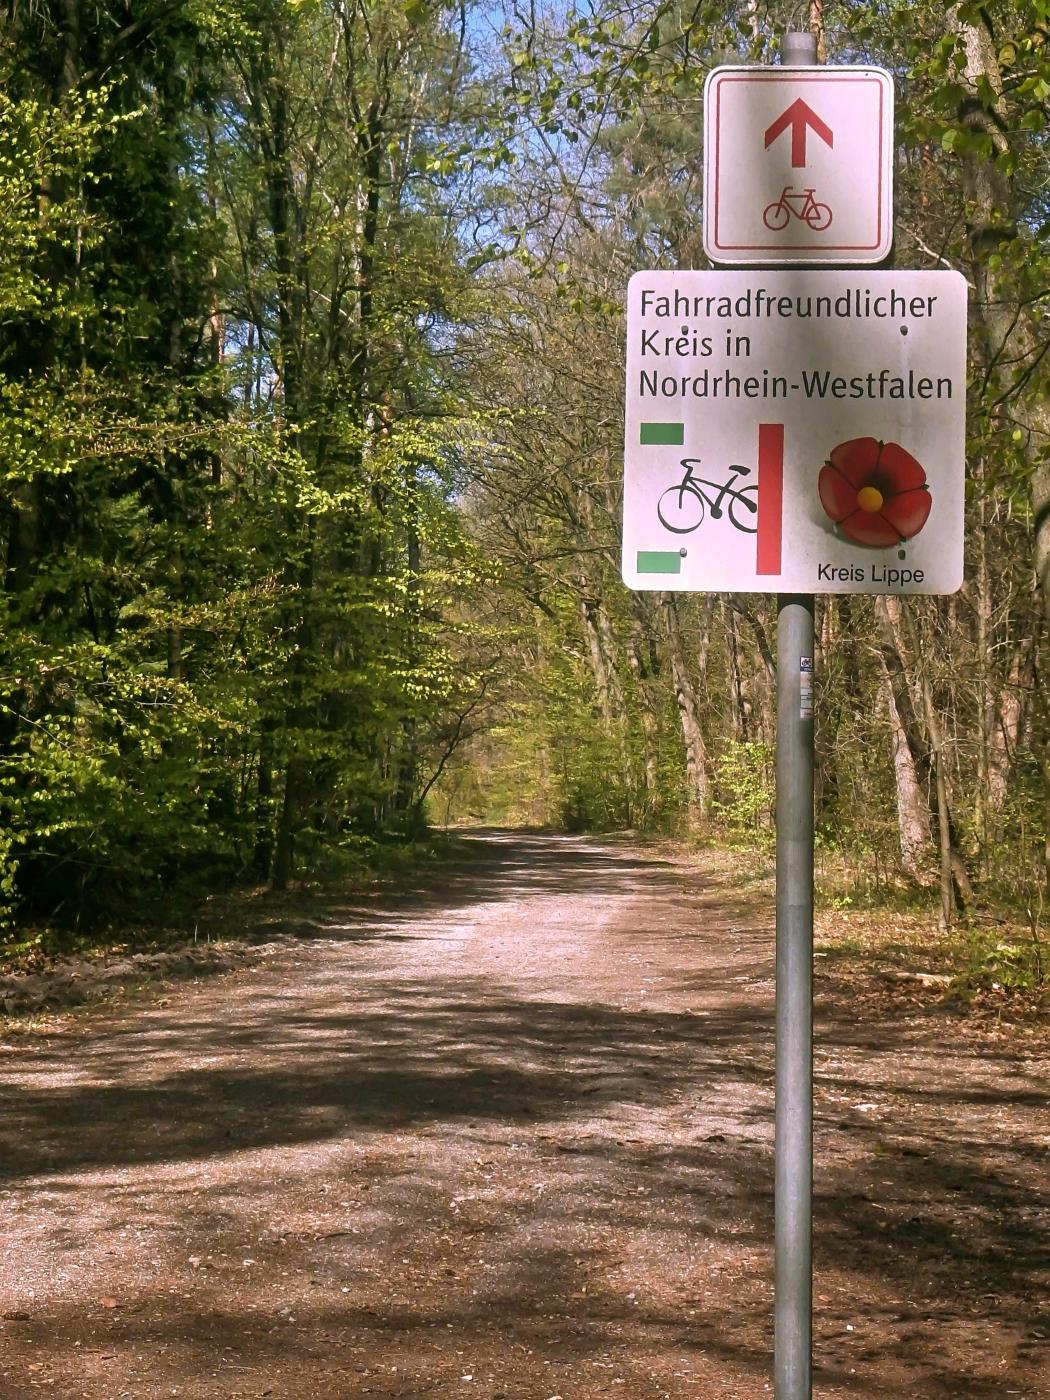 Fahrradfreundlich?